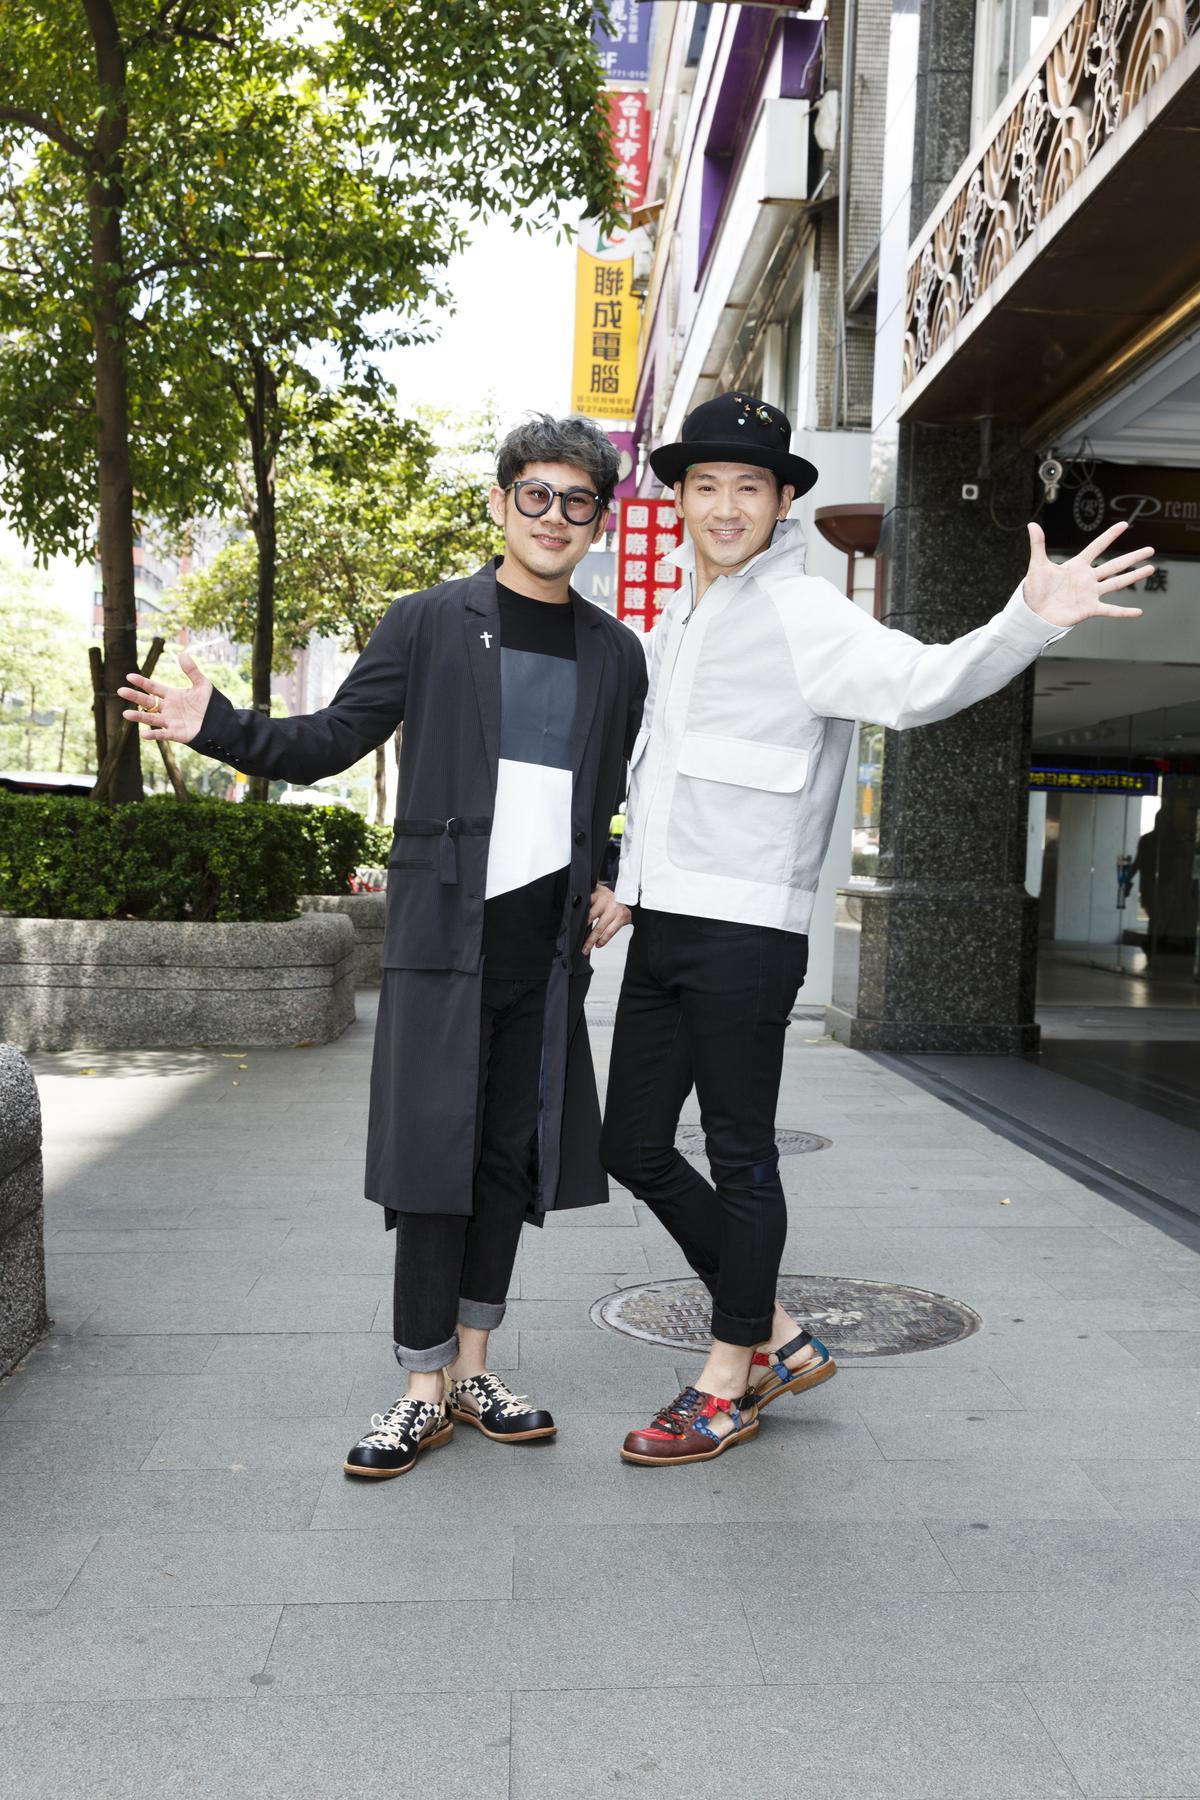 易桀齊(右)和伍冠諺笑稱設計師Jimmy Choo曾允諾認購專輯,讓2人又驚又喜。